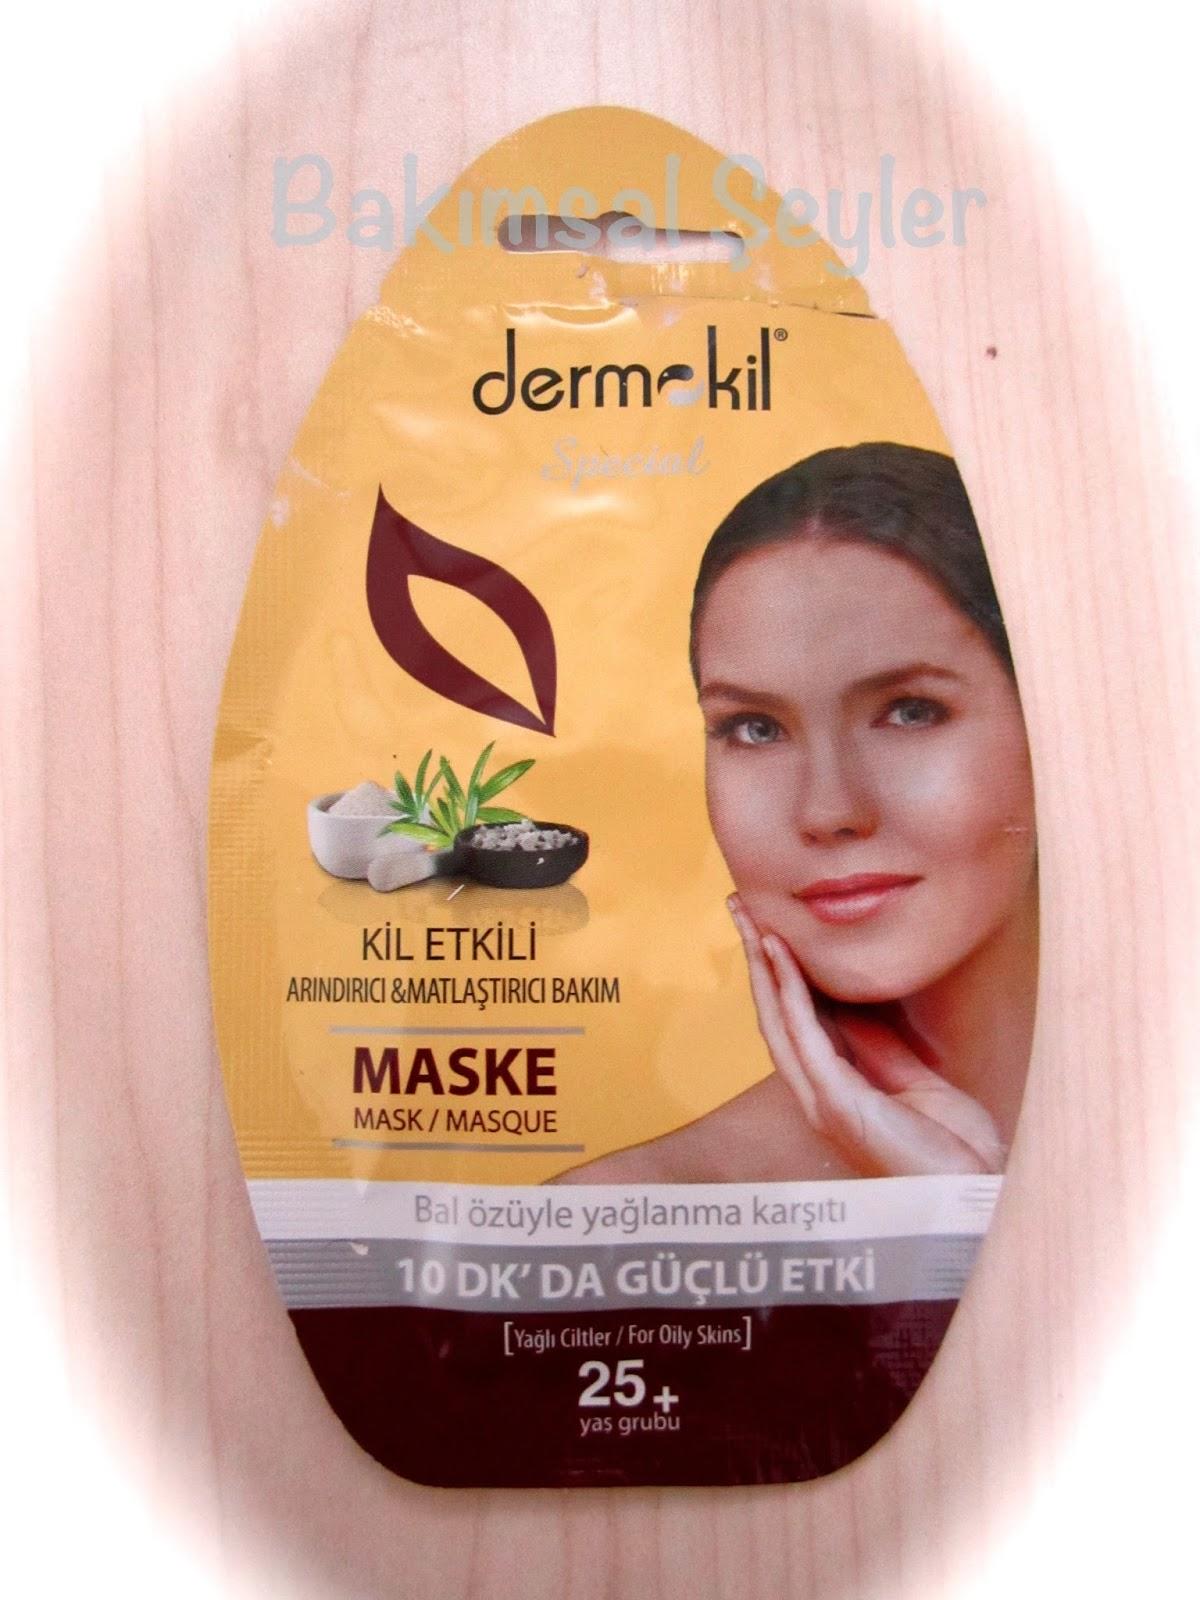 Etiket: yağlı ciltler için maske